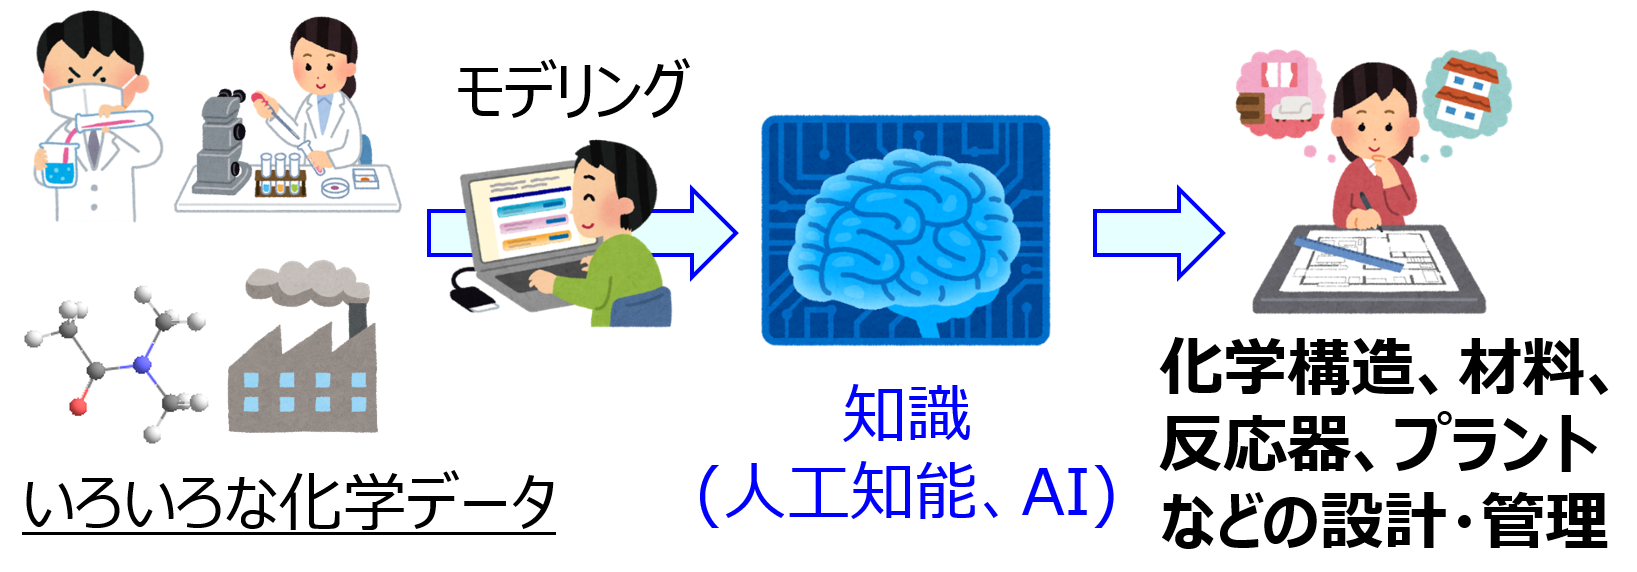 プロセス・マテリアルズ・ケモイ...